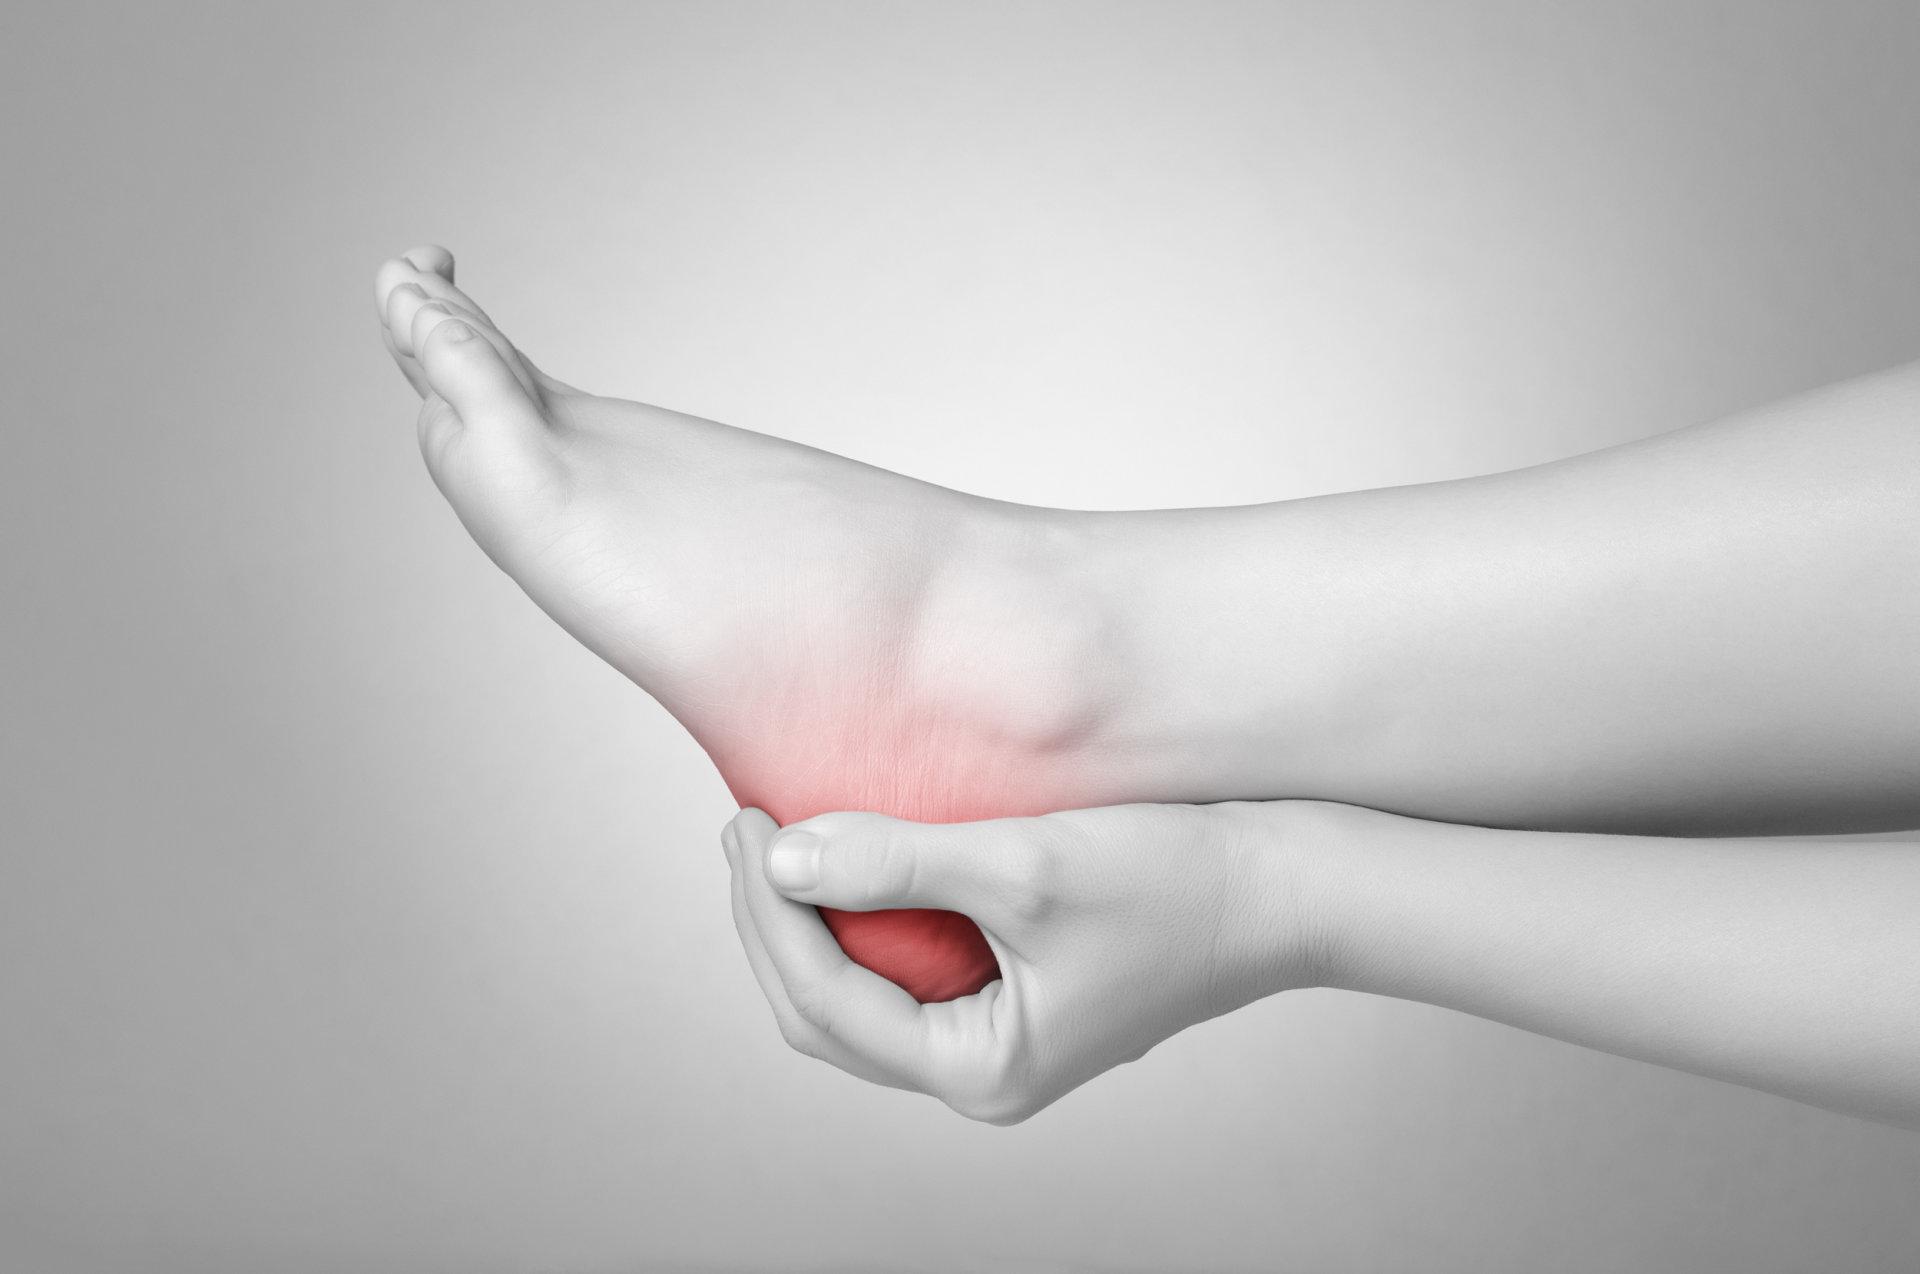 skausmas alkūnės sąnario išorėje lankstymo ir pratęsimo eleks visų sąnarių